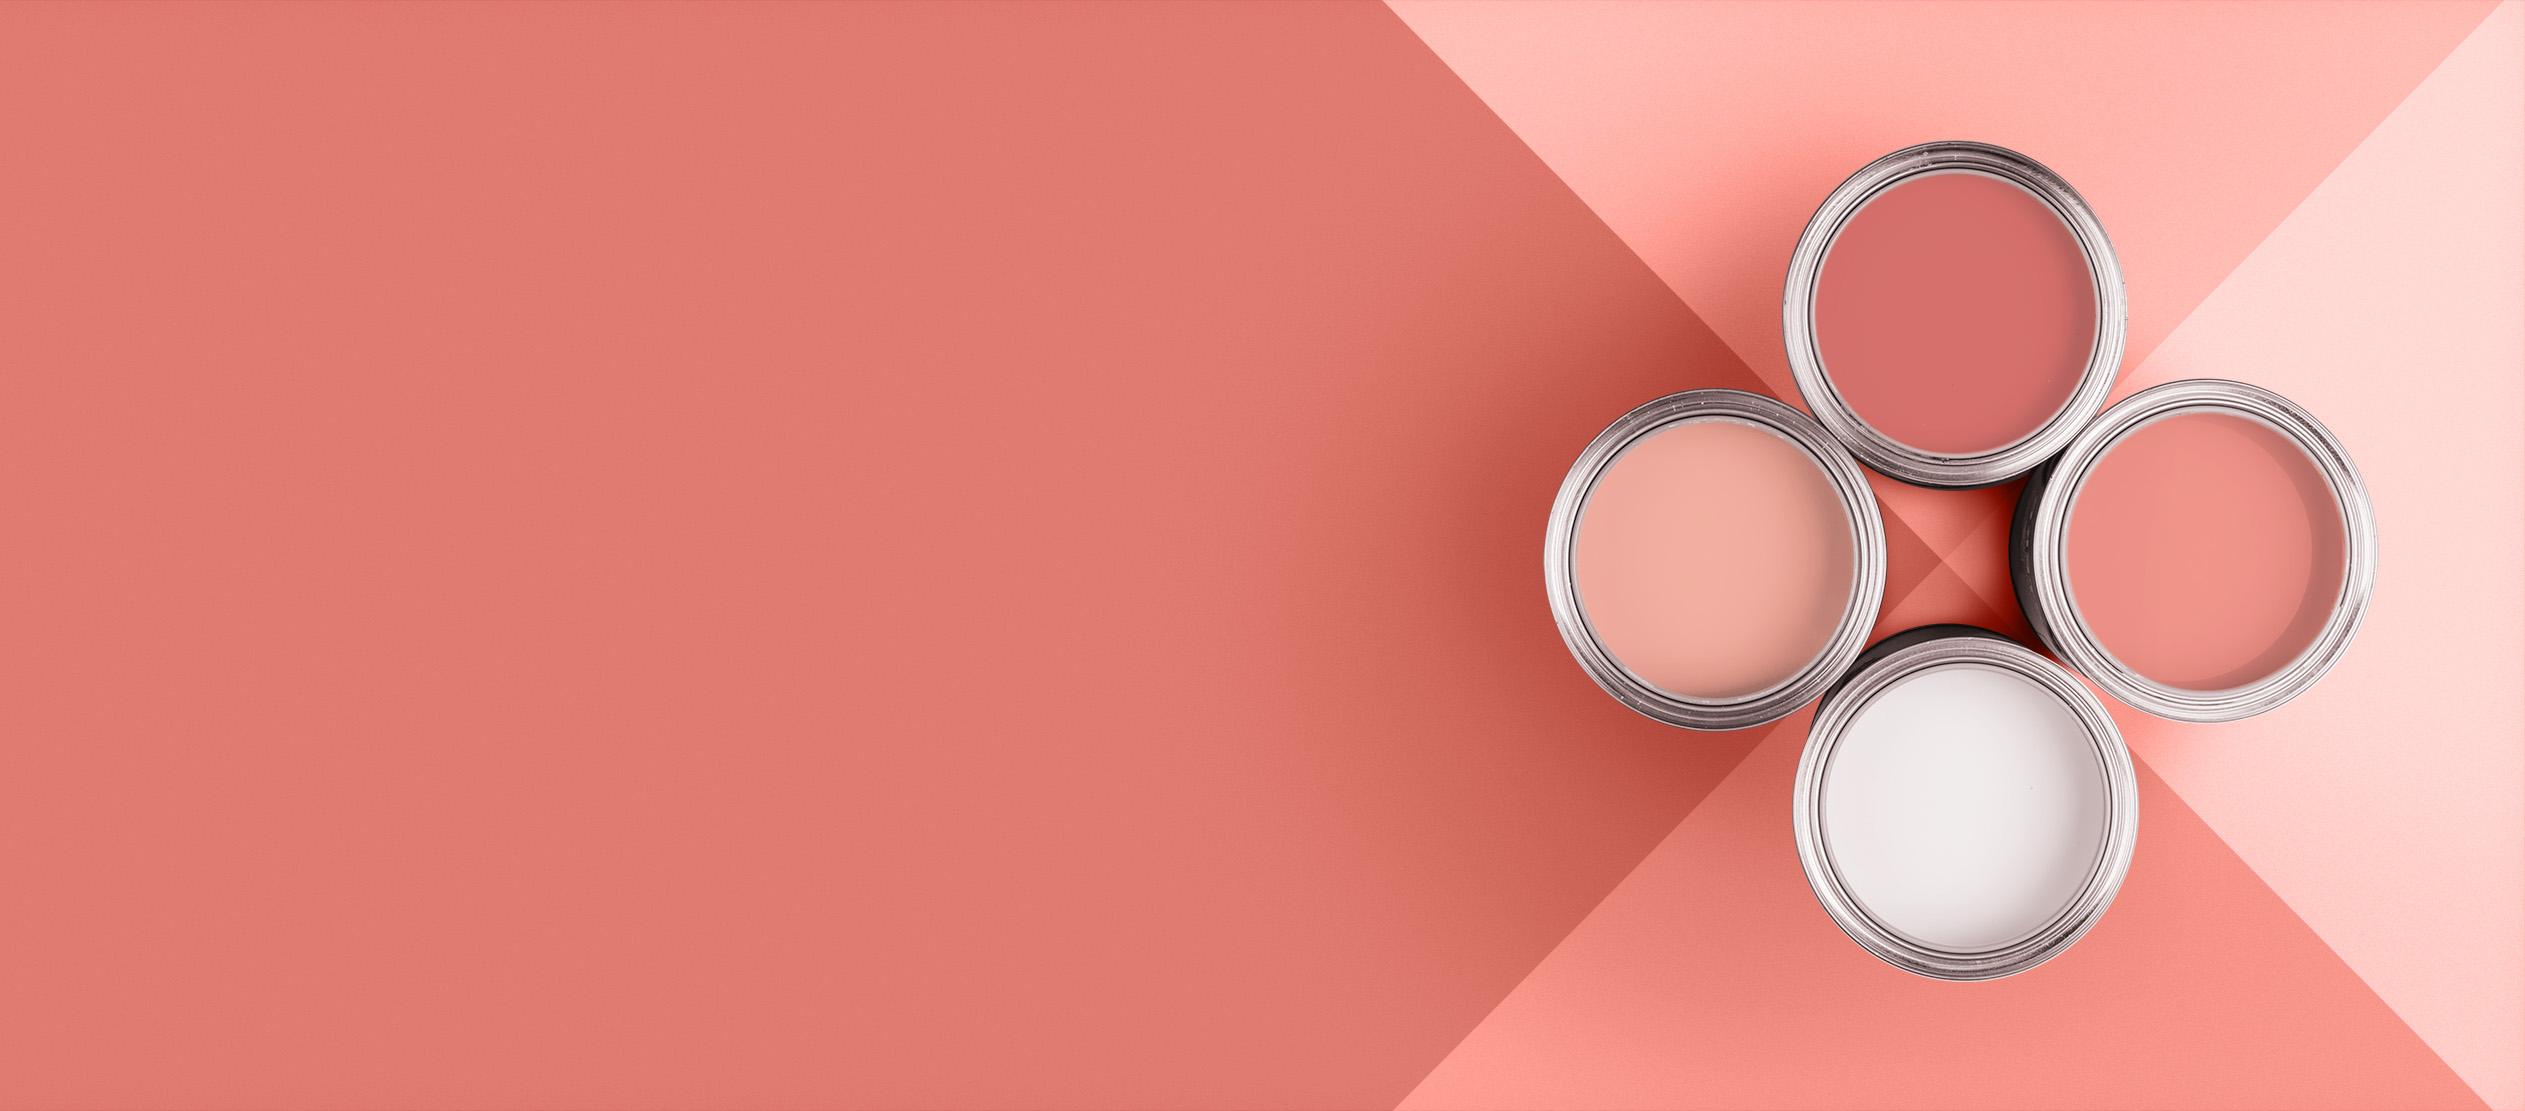 Wir bringen Farbe in Ihr Leben - Marvin Graf GmbH